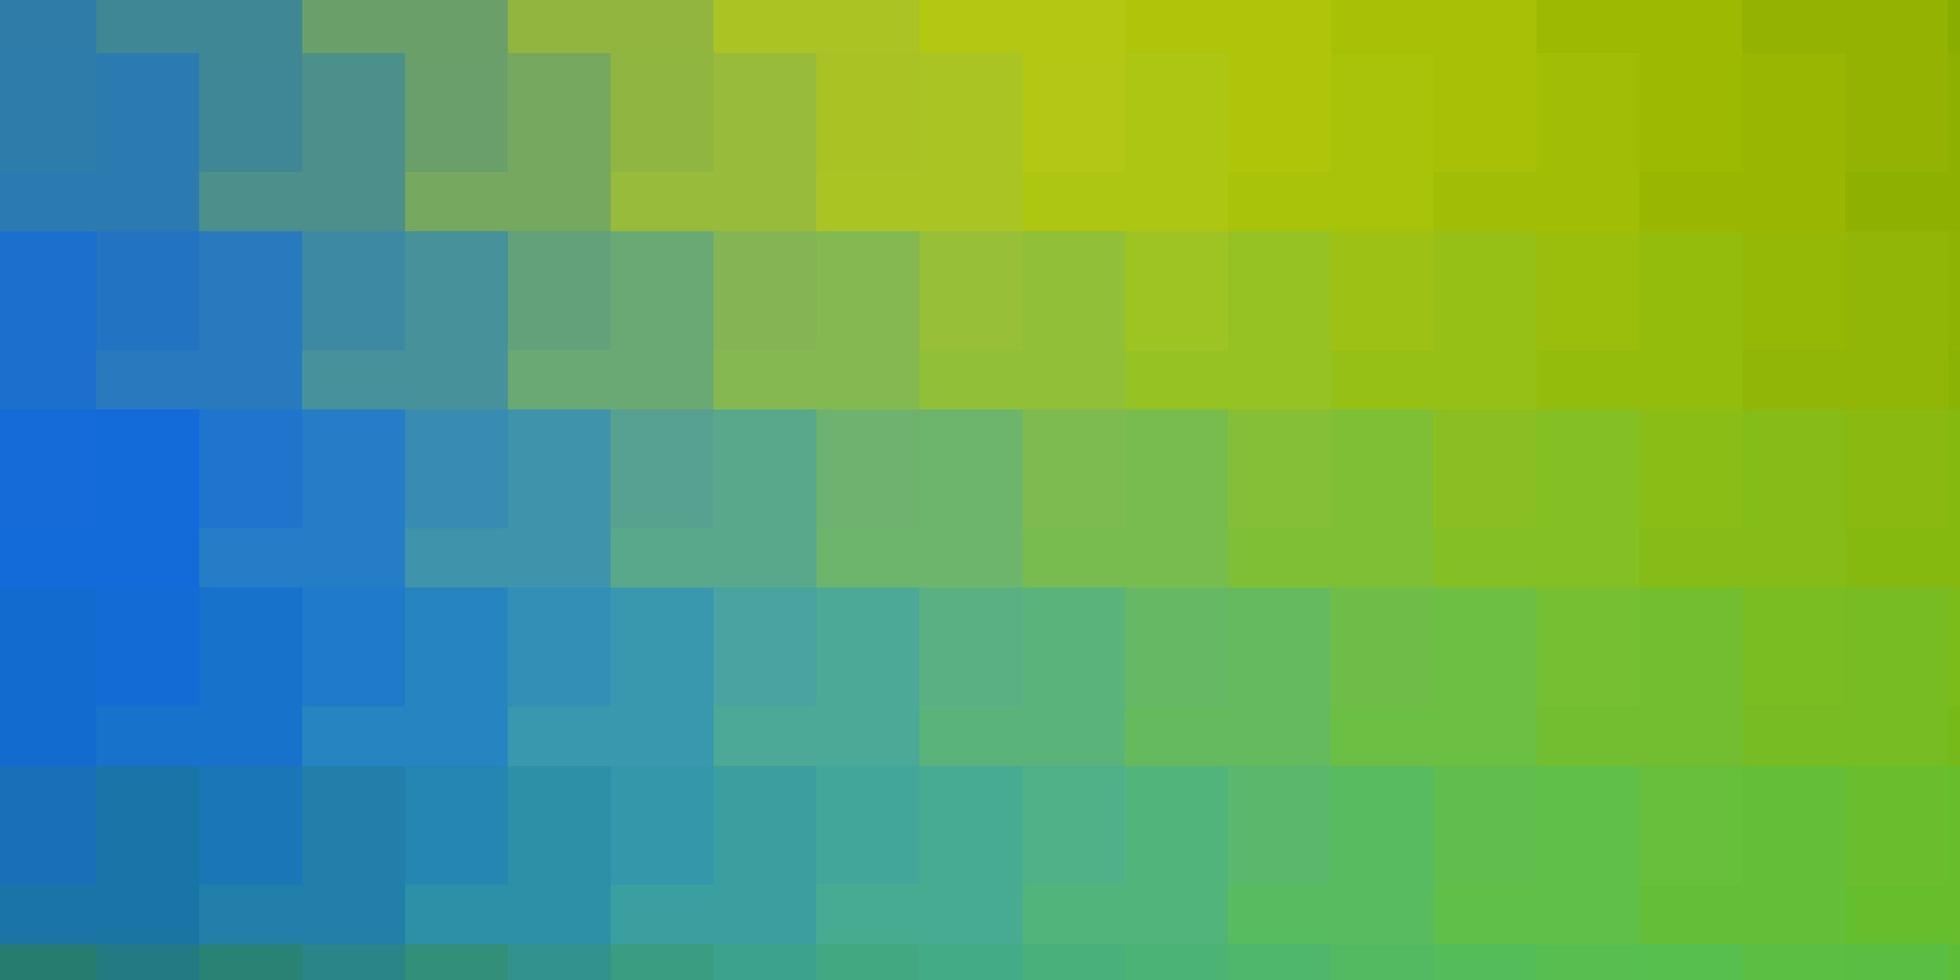 blauer und grüner Hintergrund mit Rechtecken. vektor